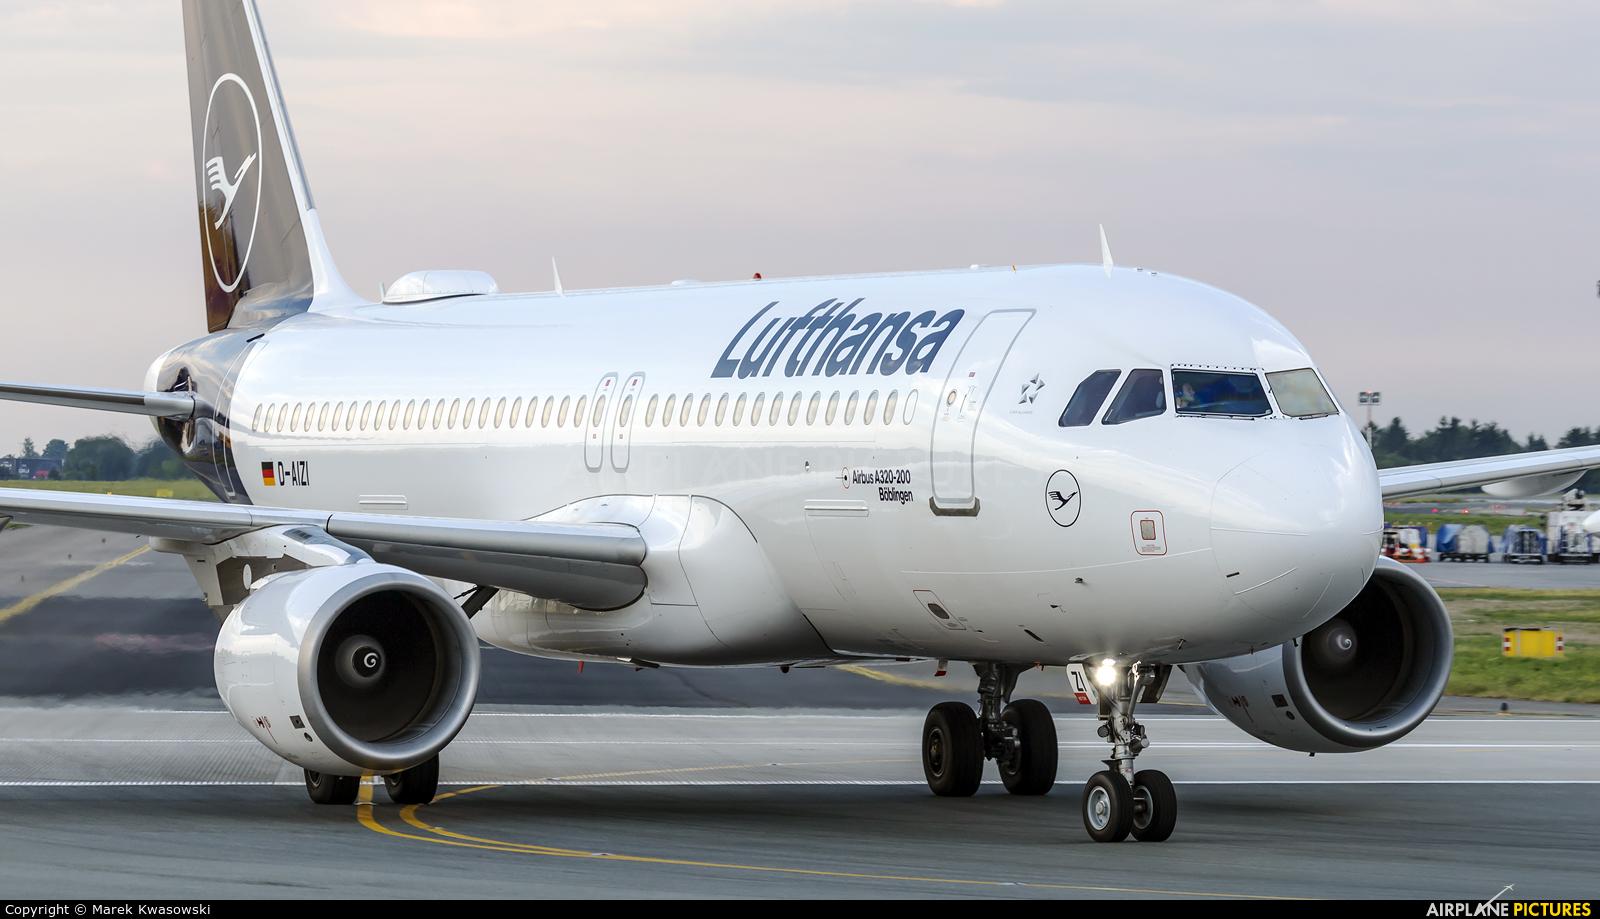 Lufthansa D-AIZI aircraft at Warsaw - Frederic Chopin